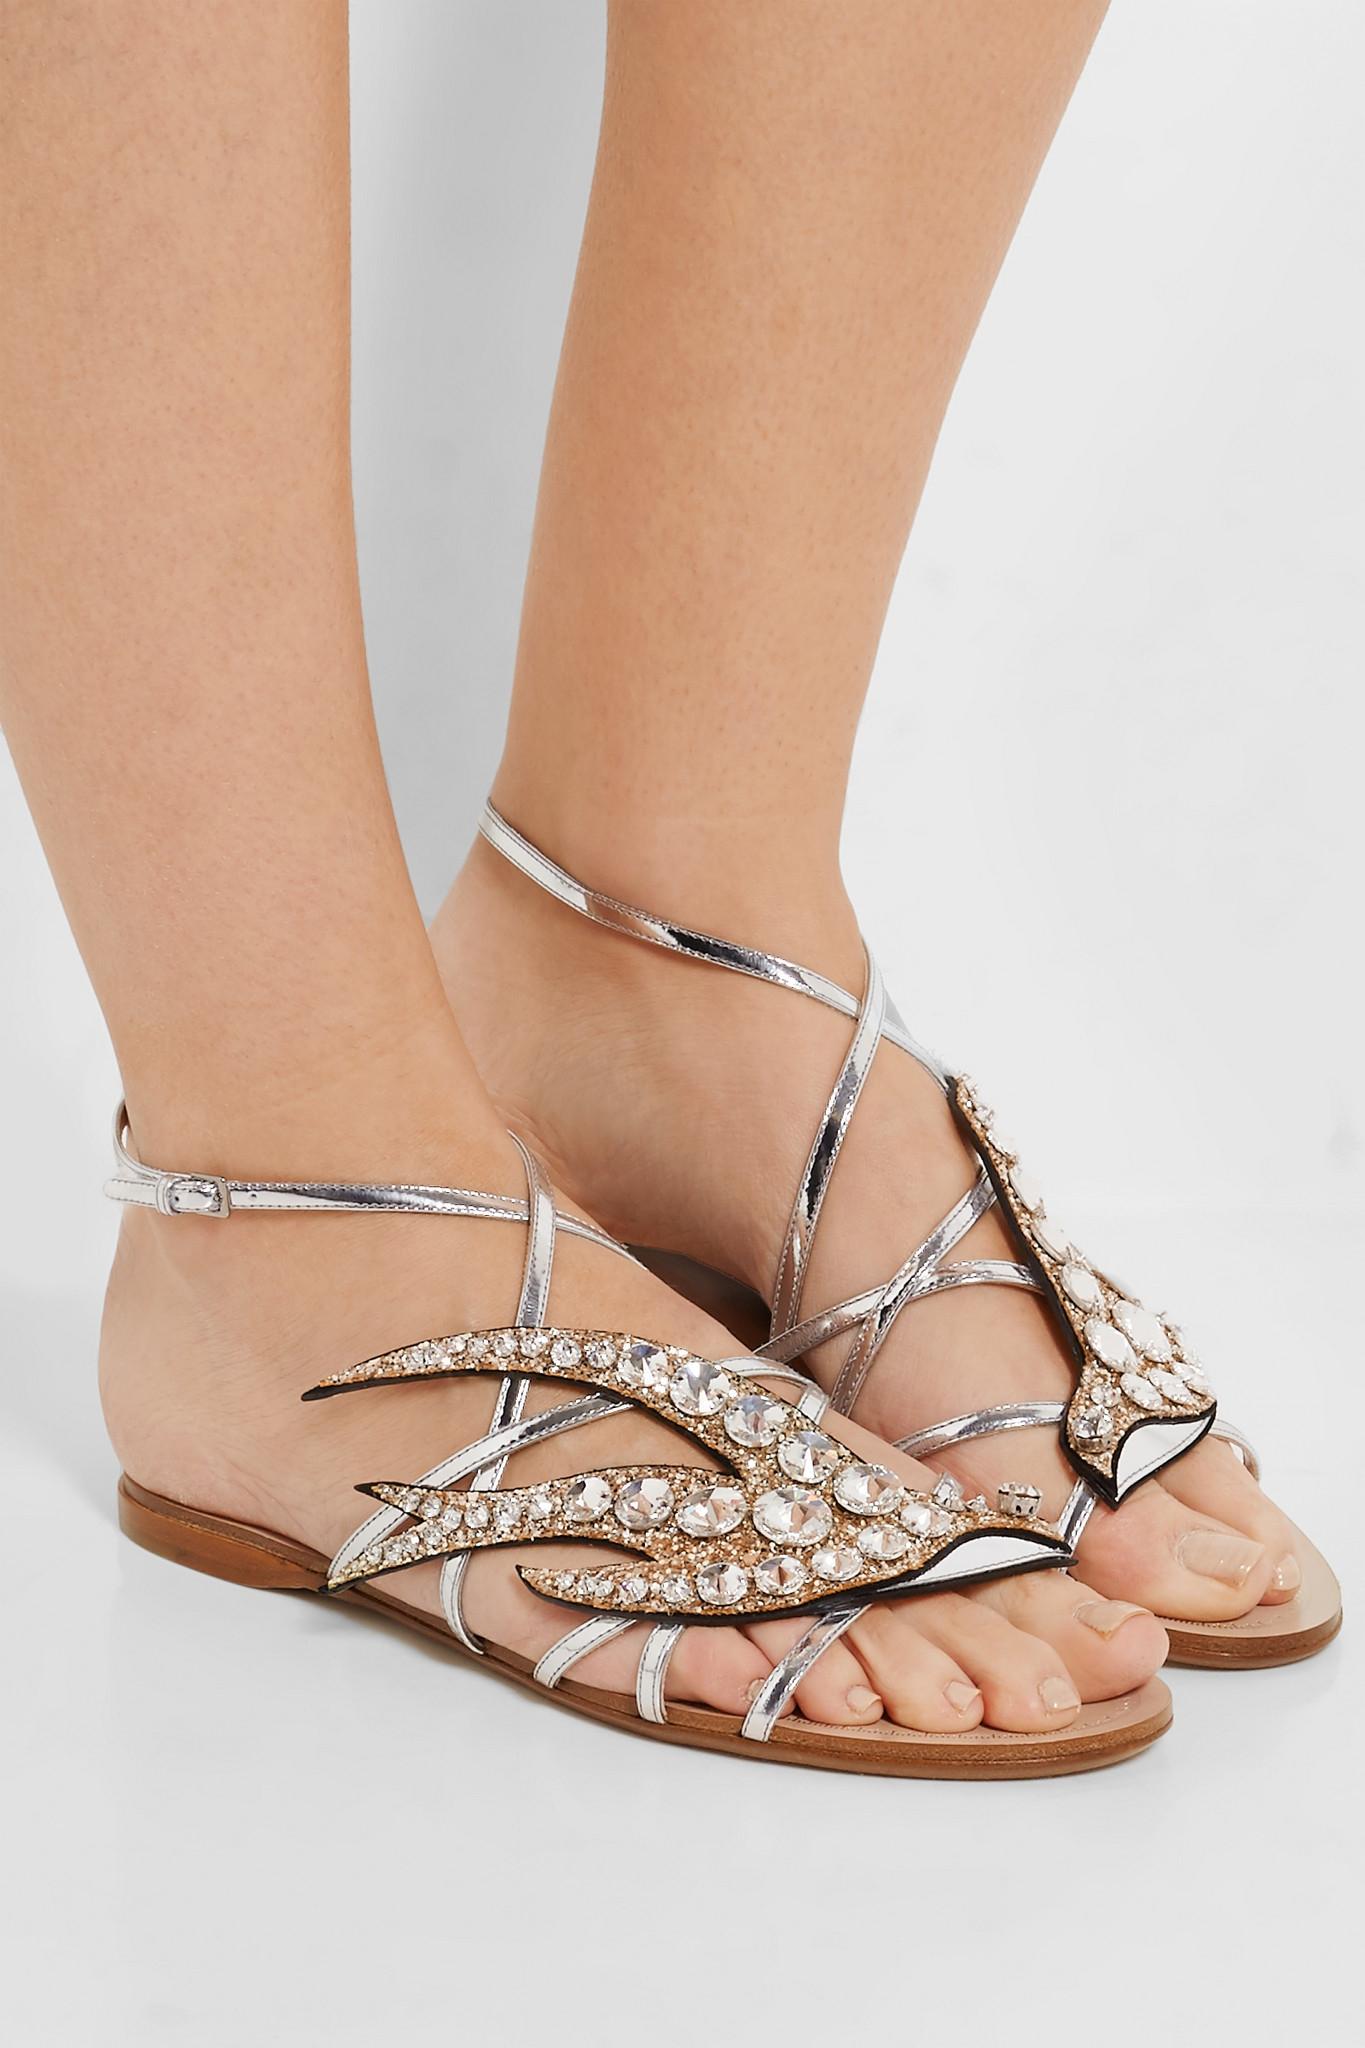 Miu Miu Crystals sandals 3WcCZF